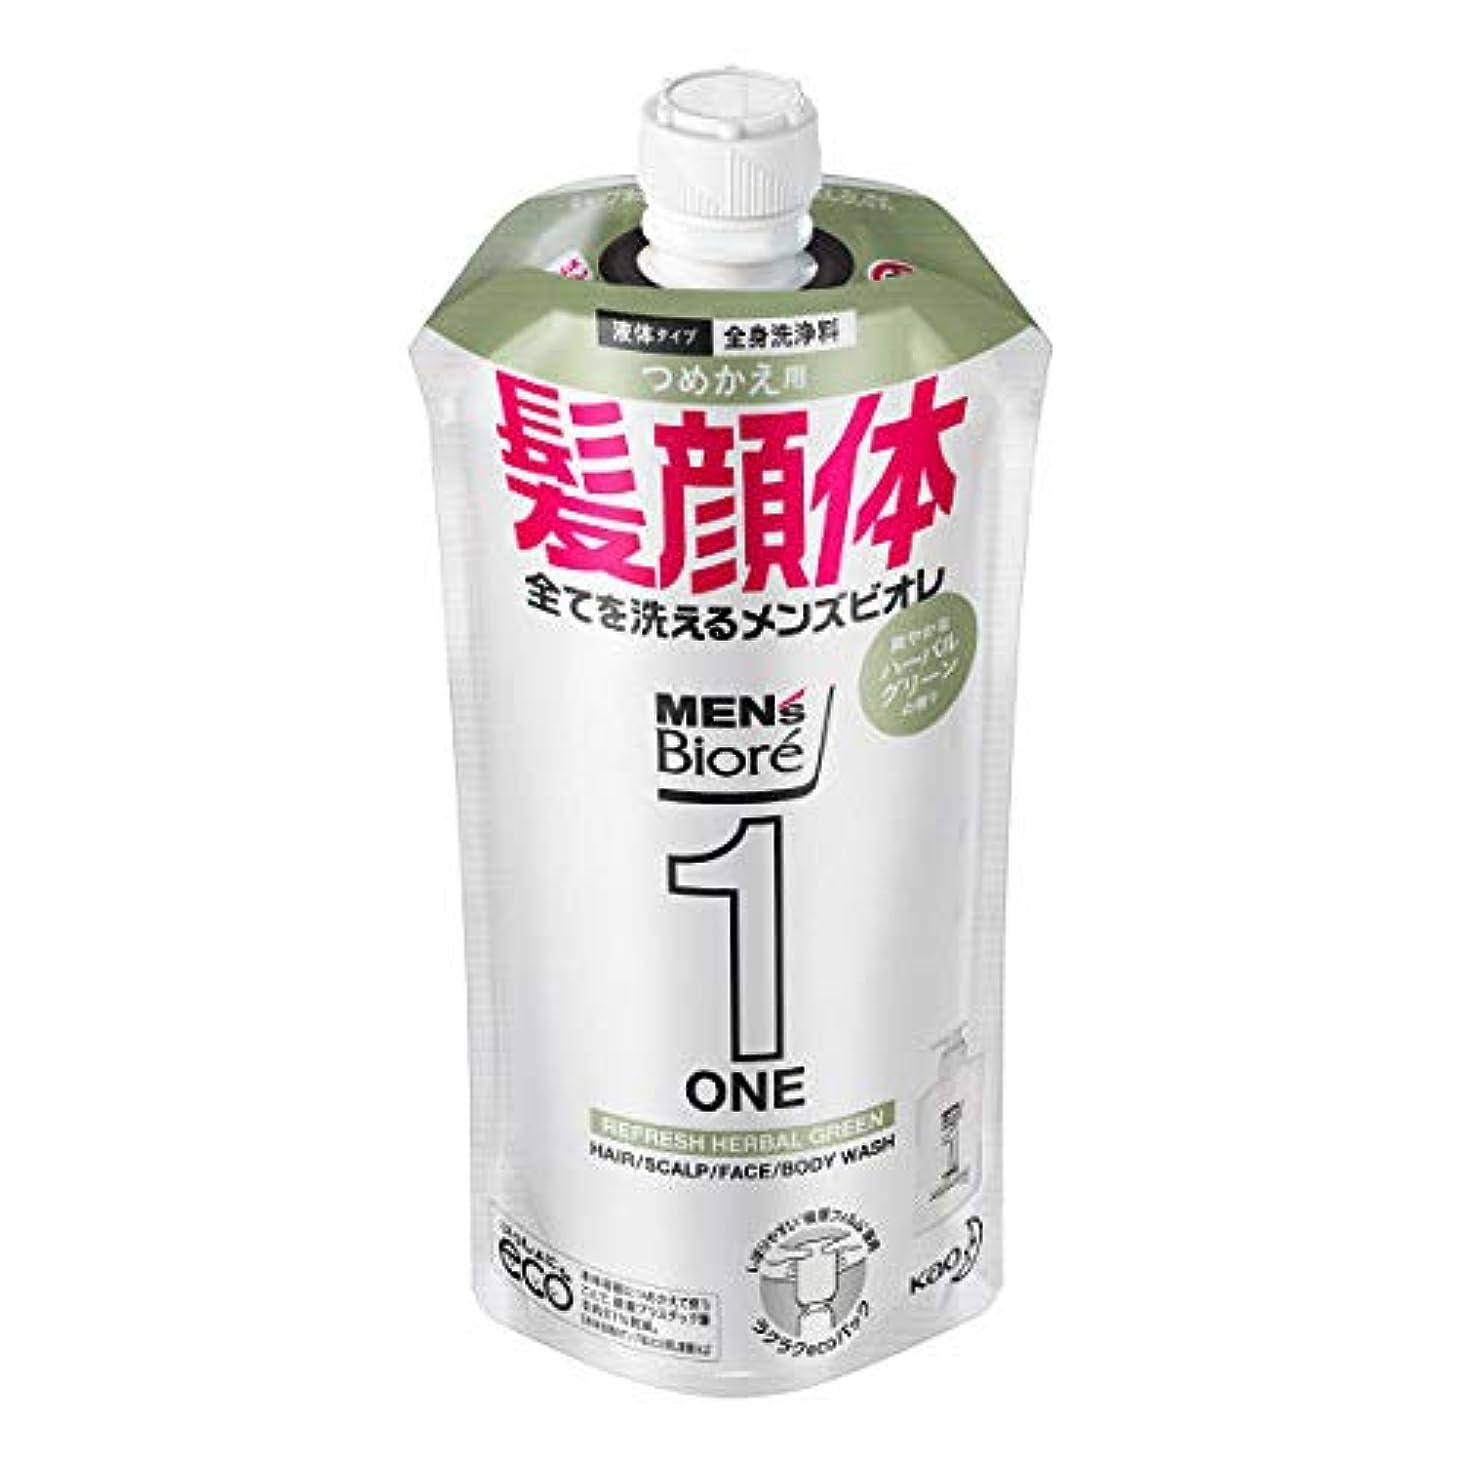 ダメージ台風調停者メンズビオレONE オールインワン全身洗浄料 爽やかなハーブルグリーンの香り つめかえ用 340mL